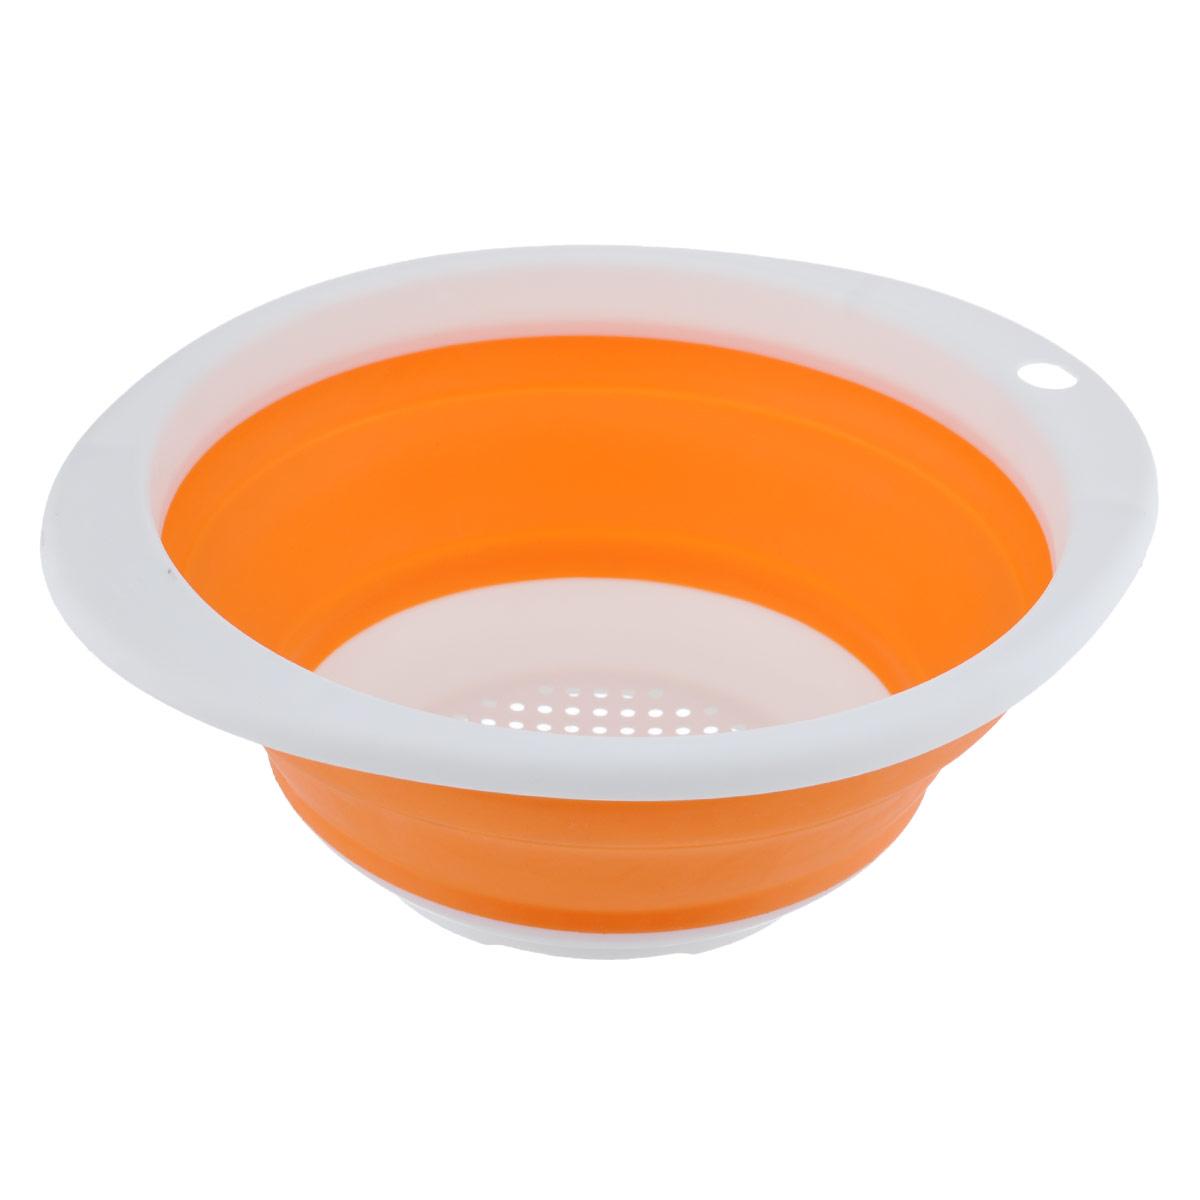 Дуршлаг Идея, складной, цвет: оранжевый. CLD-02CLD-02_оранжевыйДуршлаг складной Идея, изготовленный из высококачественногопищевого силикона, станет полезным приобретением для вашей кухни. Онидеально подходит для процеживания, ополаскивания и стекания макарон,овощей, фруктов. Нельзя мыть и сушить в посудомоечной машине. Внутренний диаметр: 18 см.Размер (в разложенном виде): 23 см х 20 см х 9 см.Размер (в сложенном виде): 23 см х 20 см х 3 см.